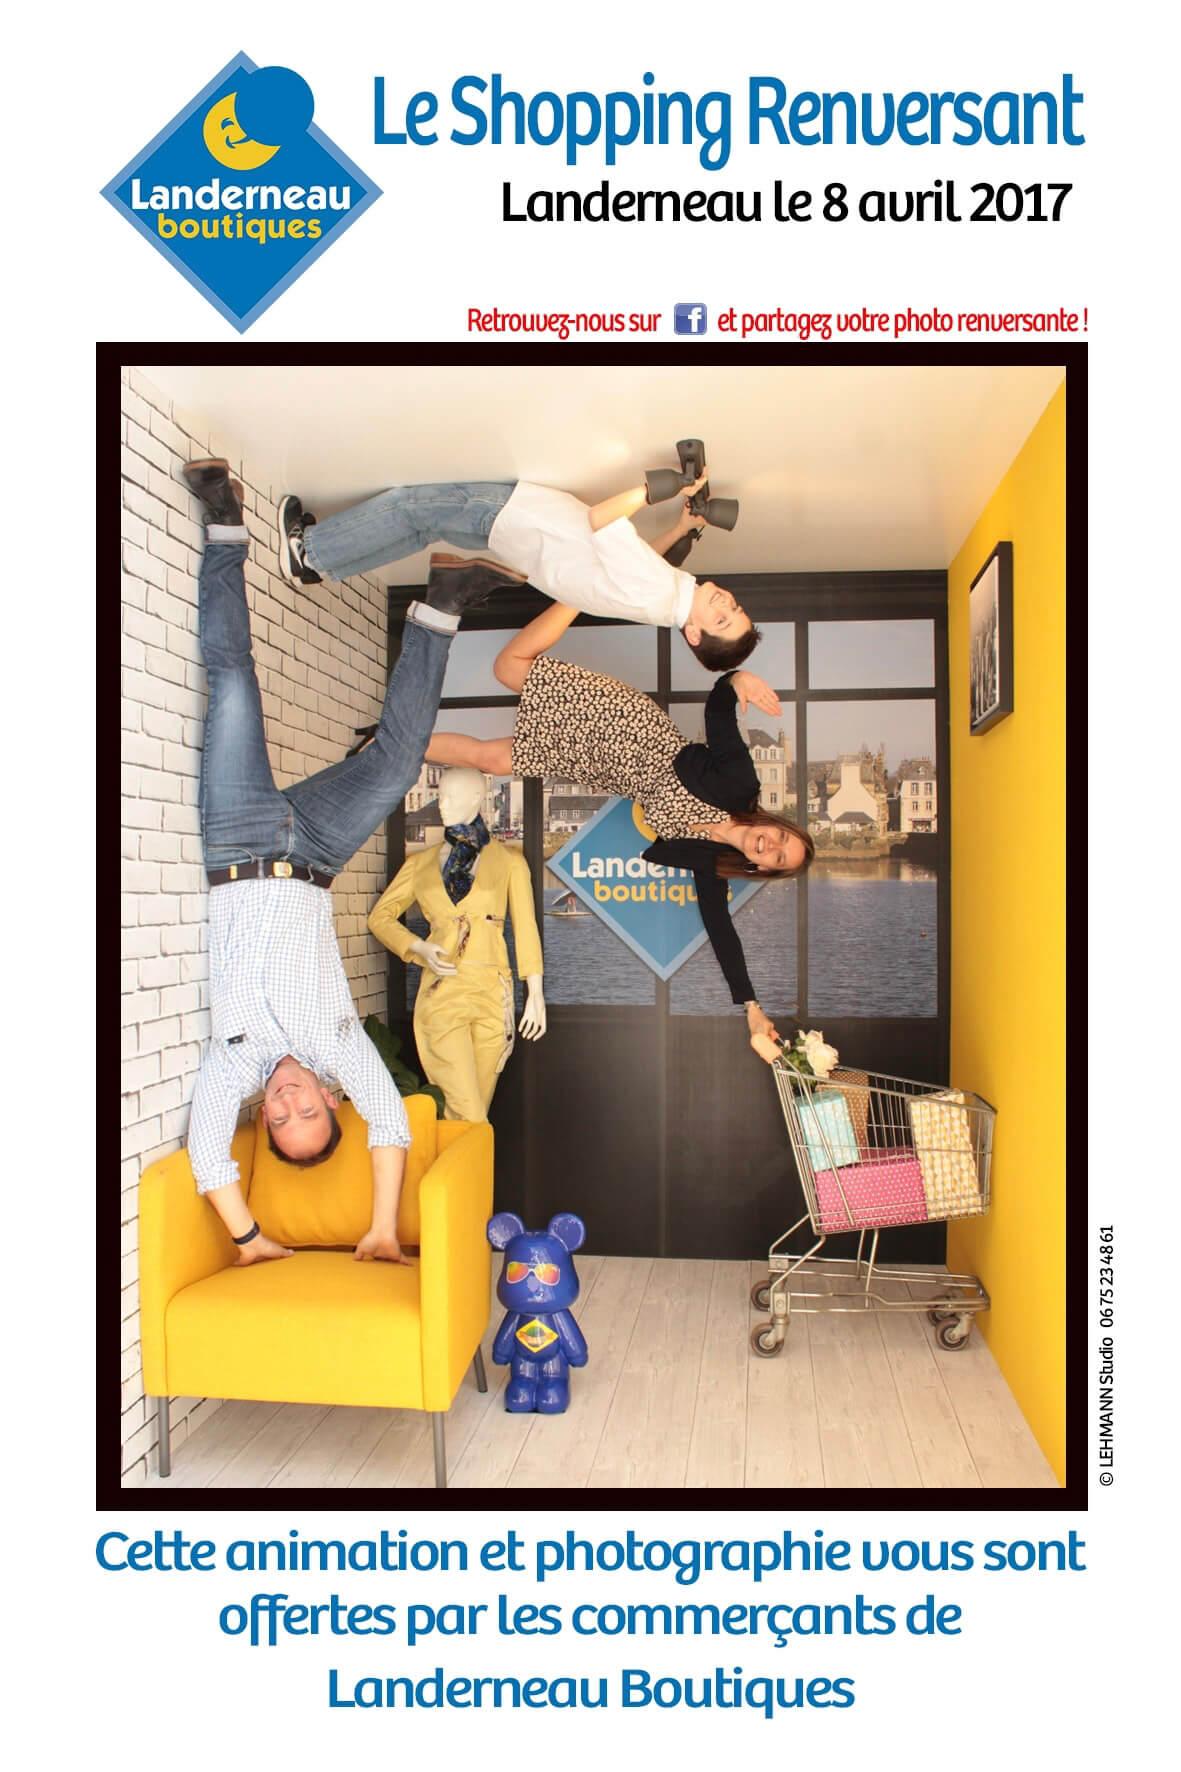 lehman-studio-photographe-angers-evenementiel-gravitybox-ambiance-commerce-landerneau-boutique